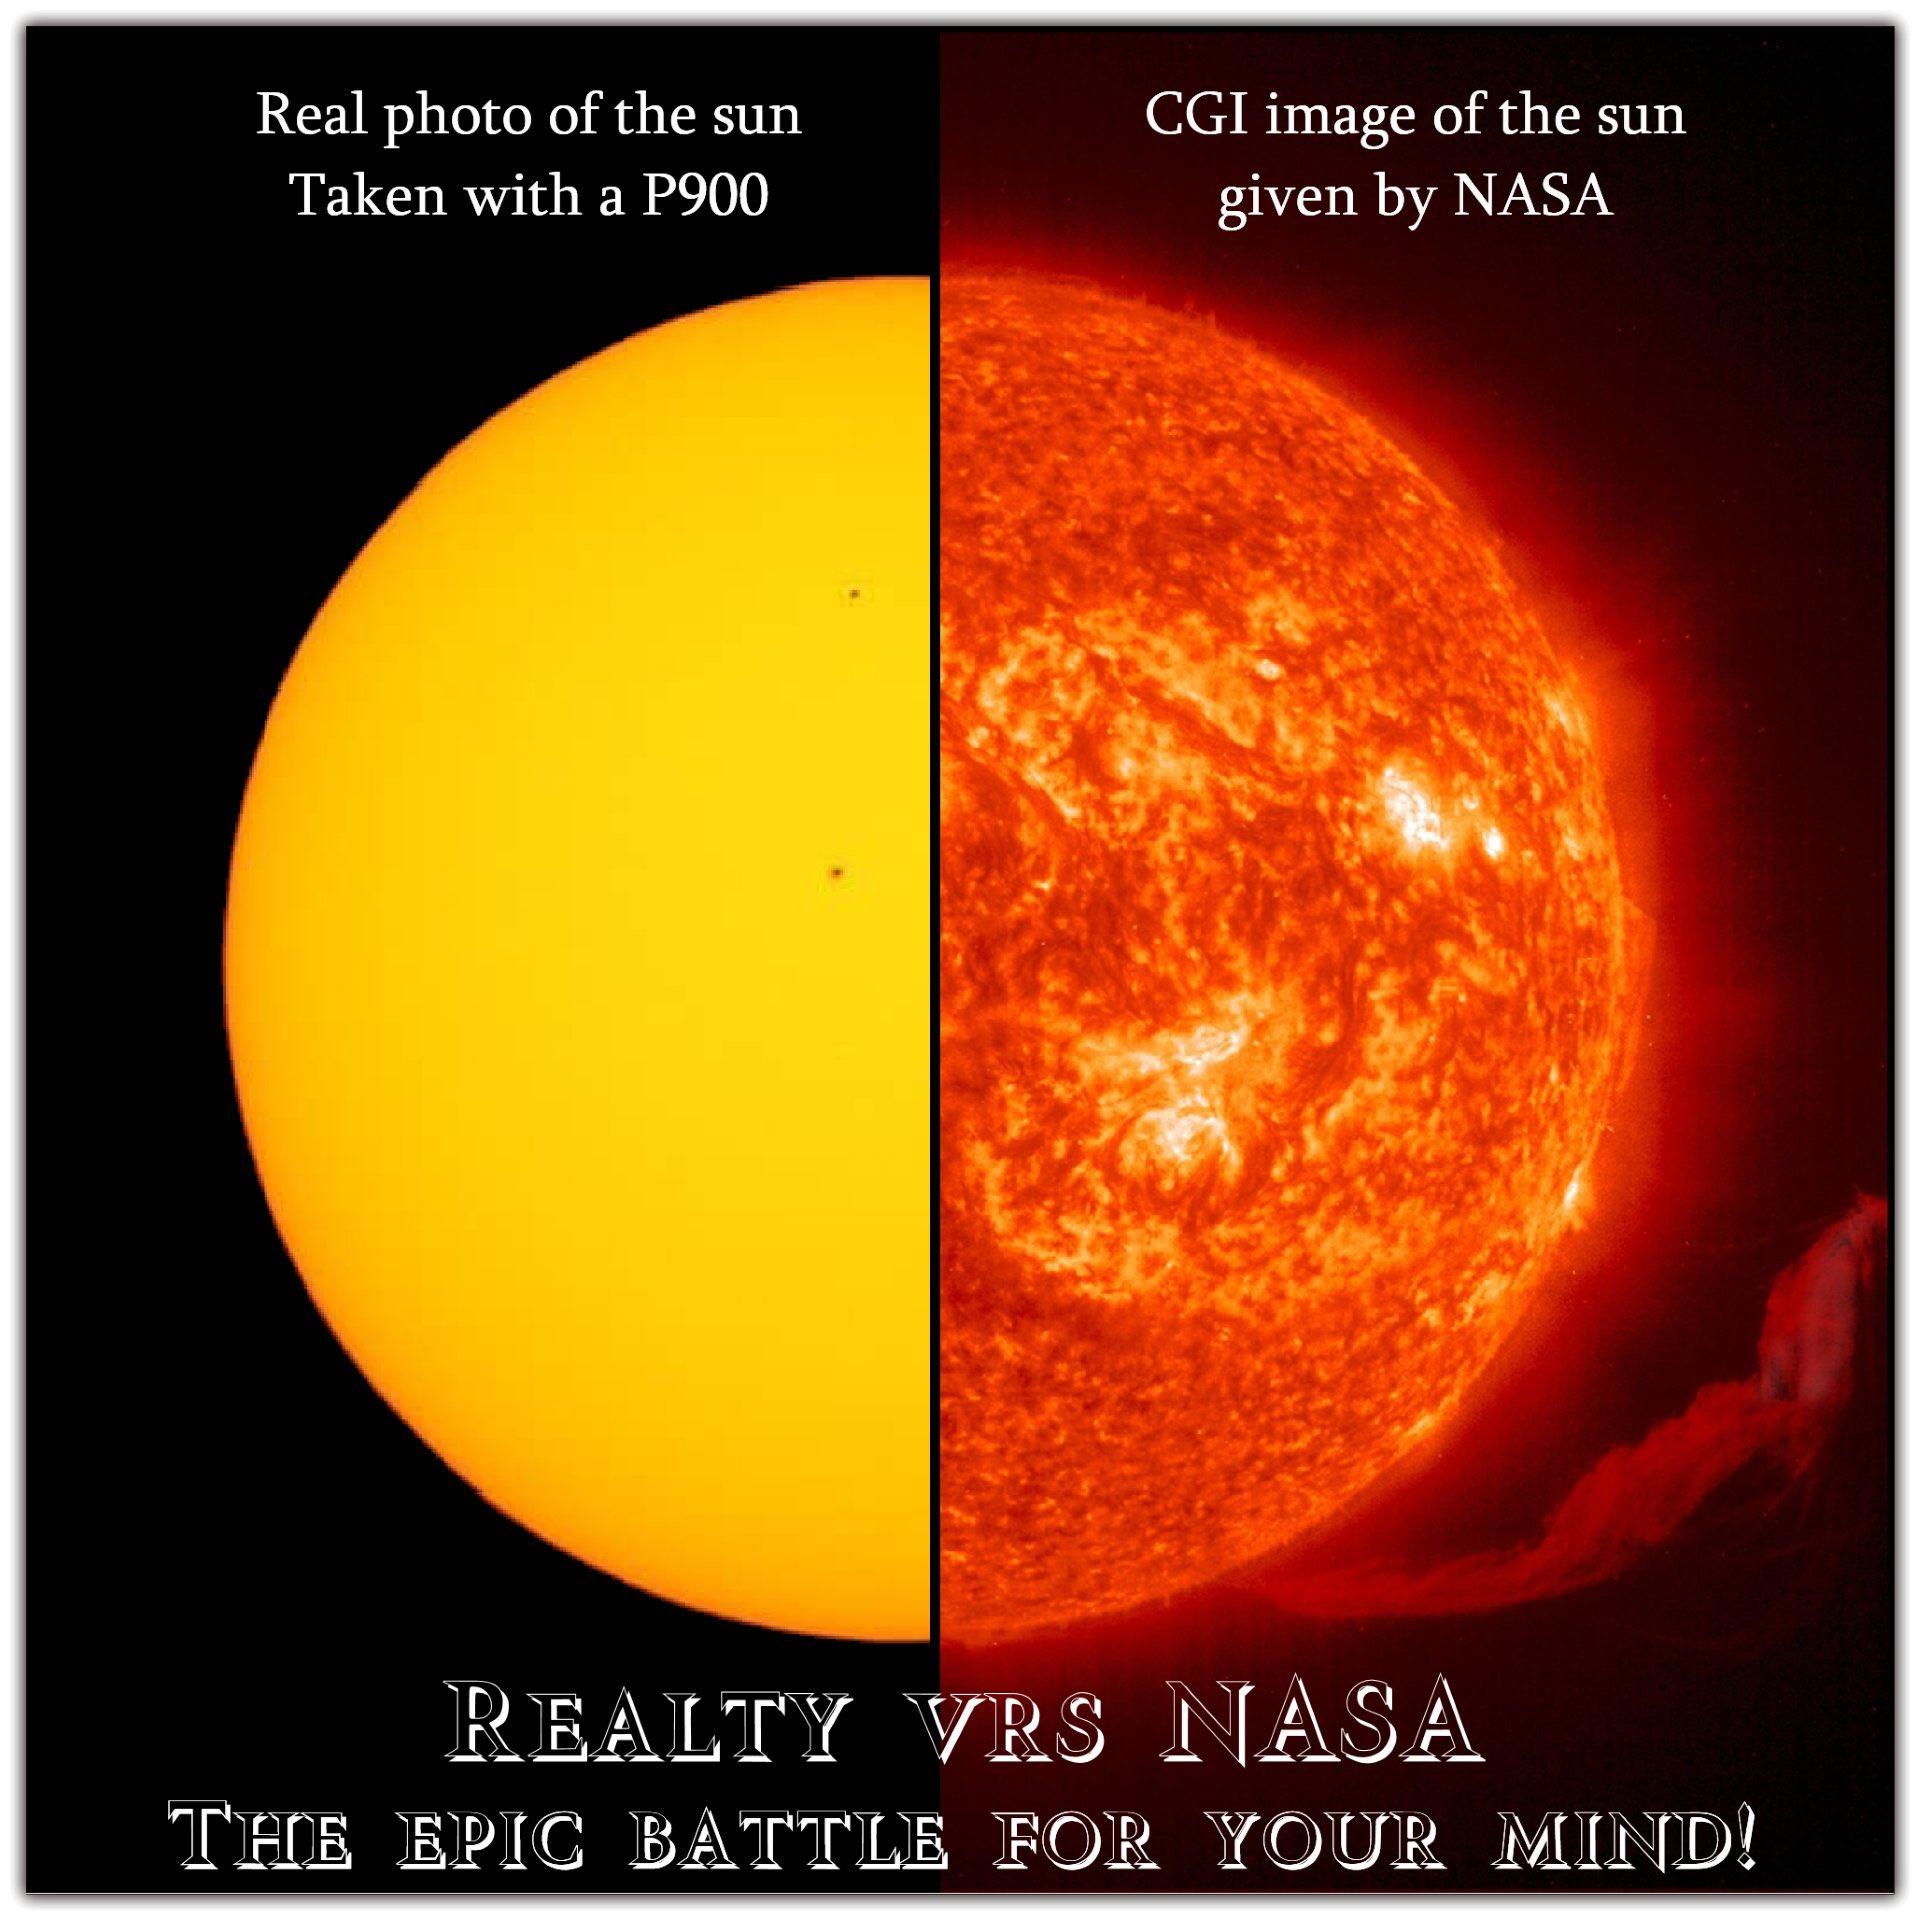 太陽の比較写真